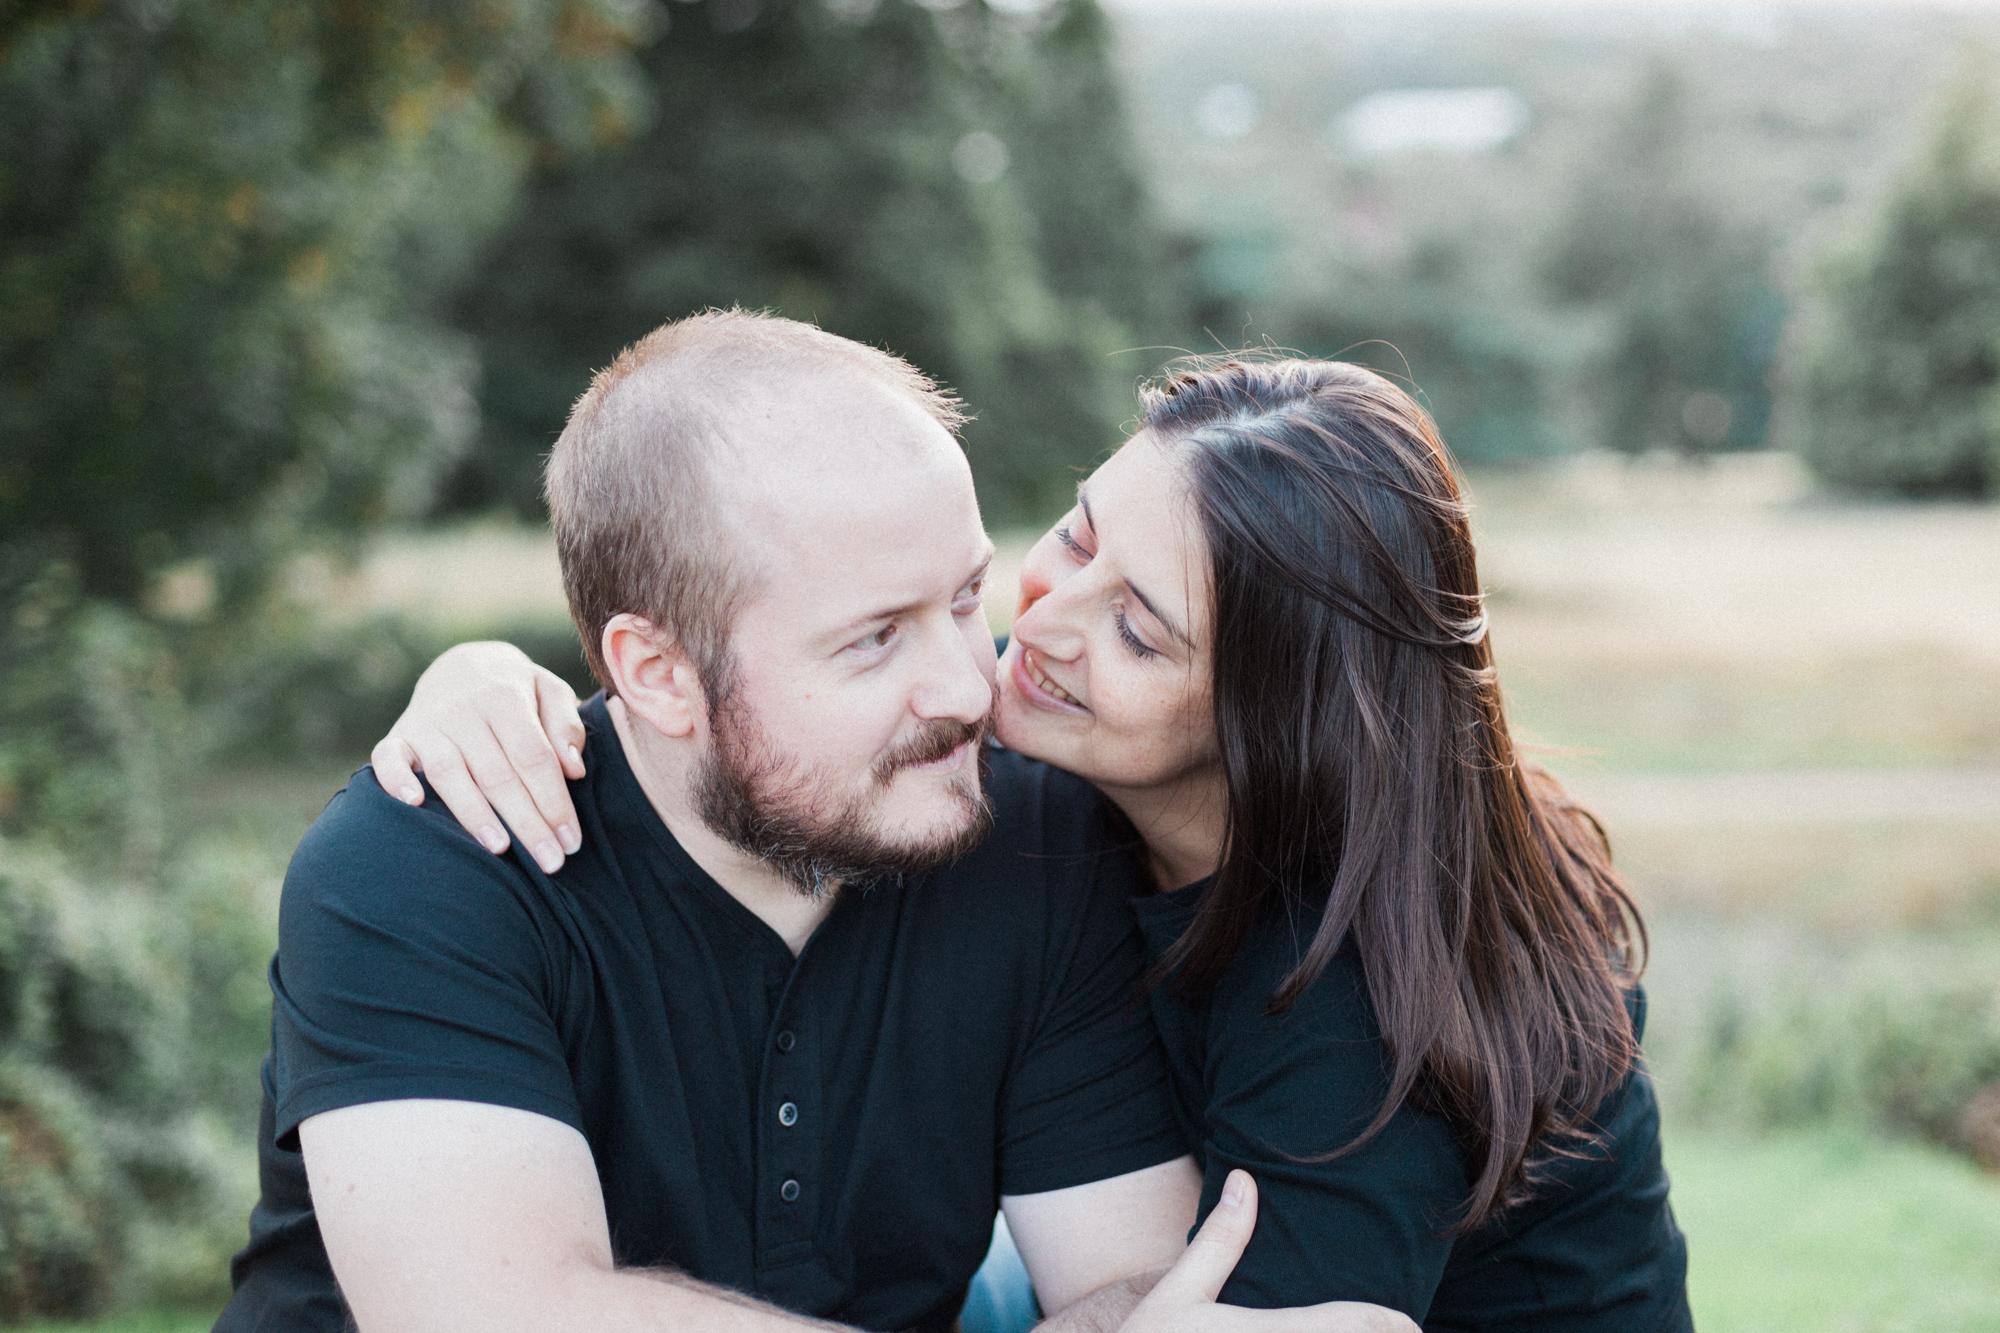 lovecandice-rob-stacey-richmond-park-1043.jpg